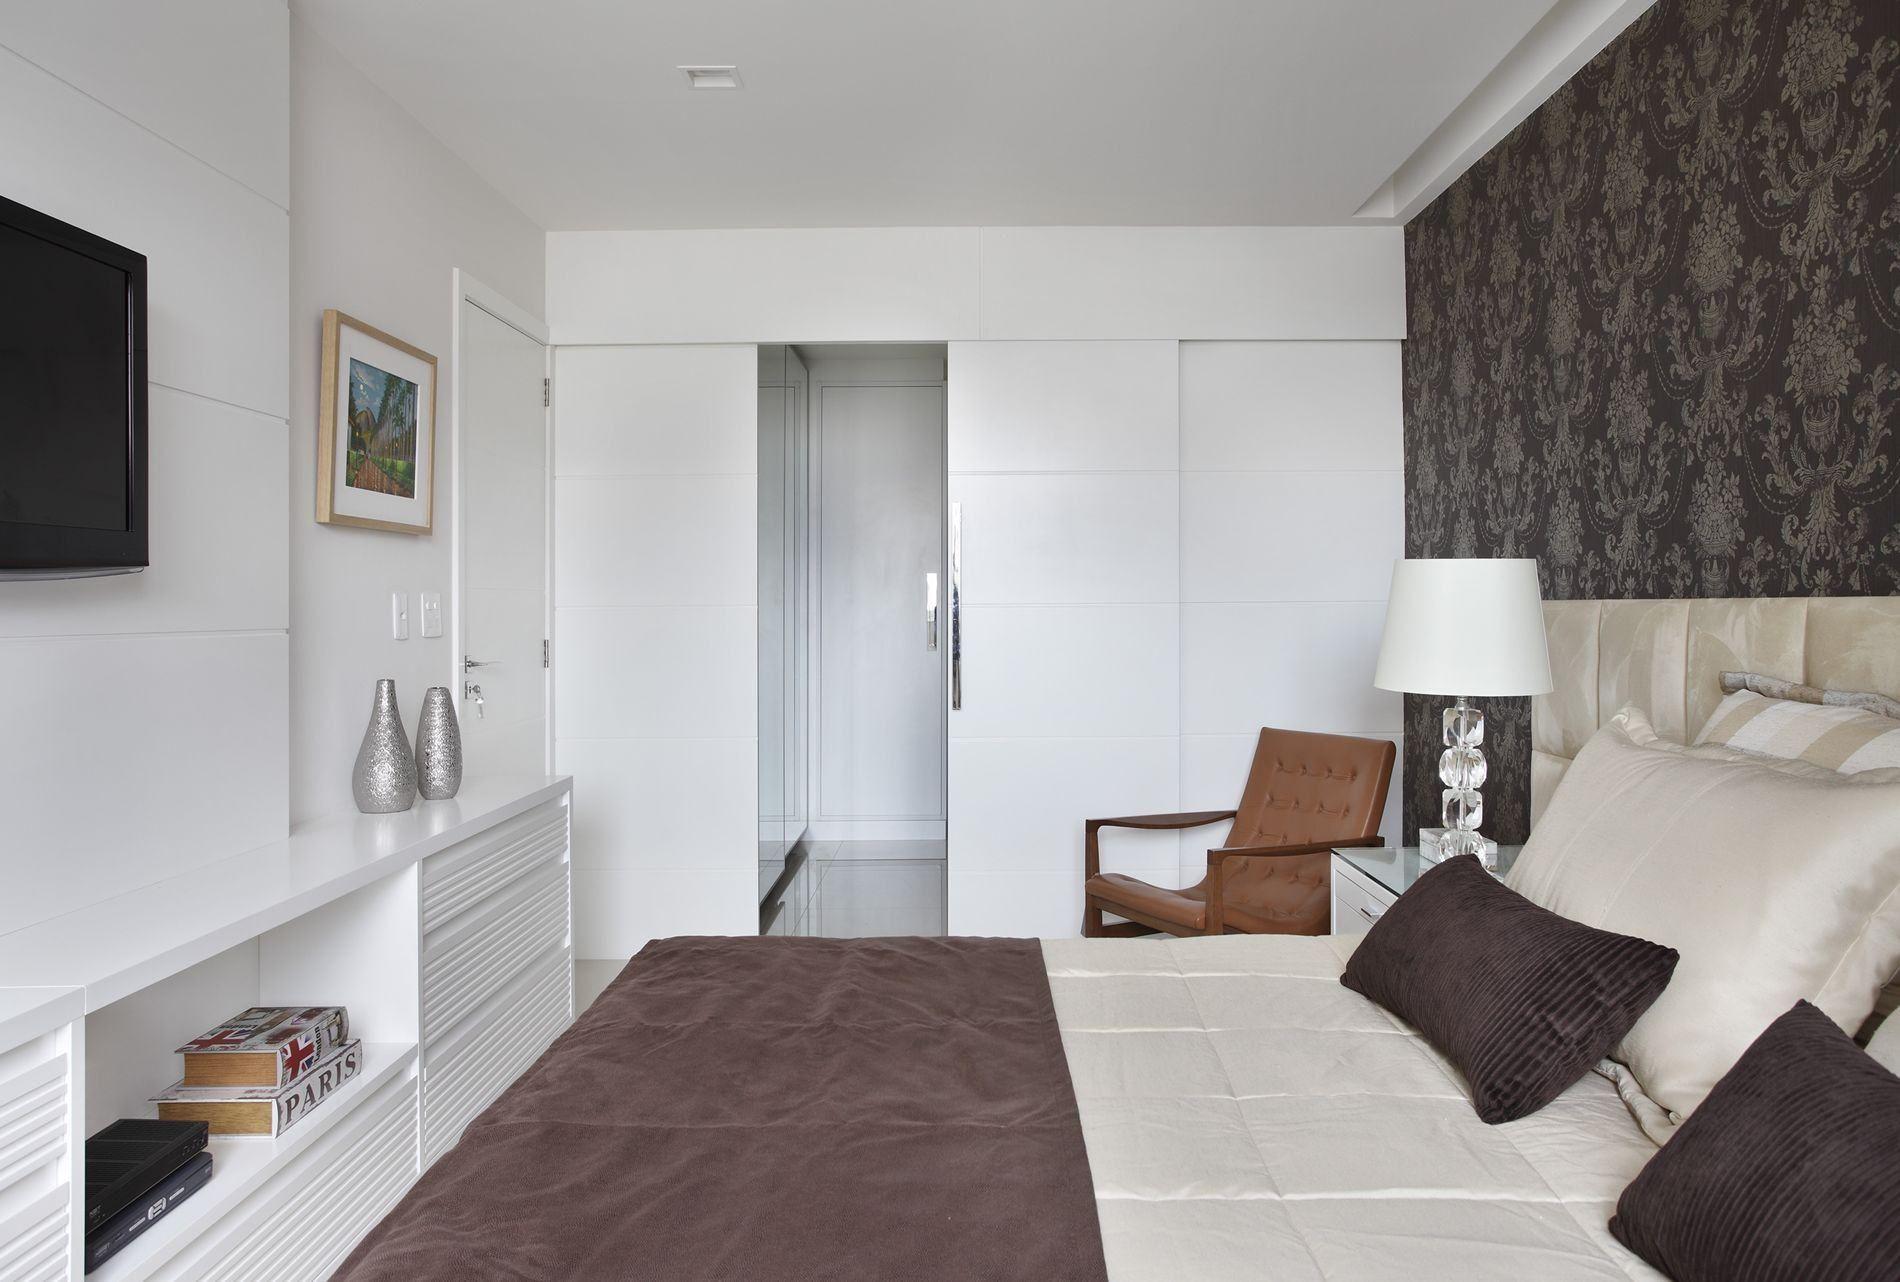 Quarto De Casal Planejado 60 Projetos Fotos E Ideias  ~ Quarto De Casal Planejado De Apartamento Pequeno